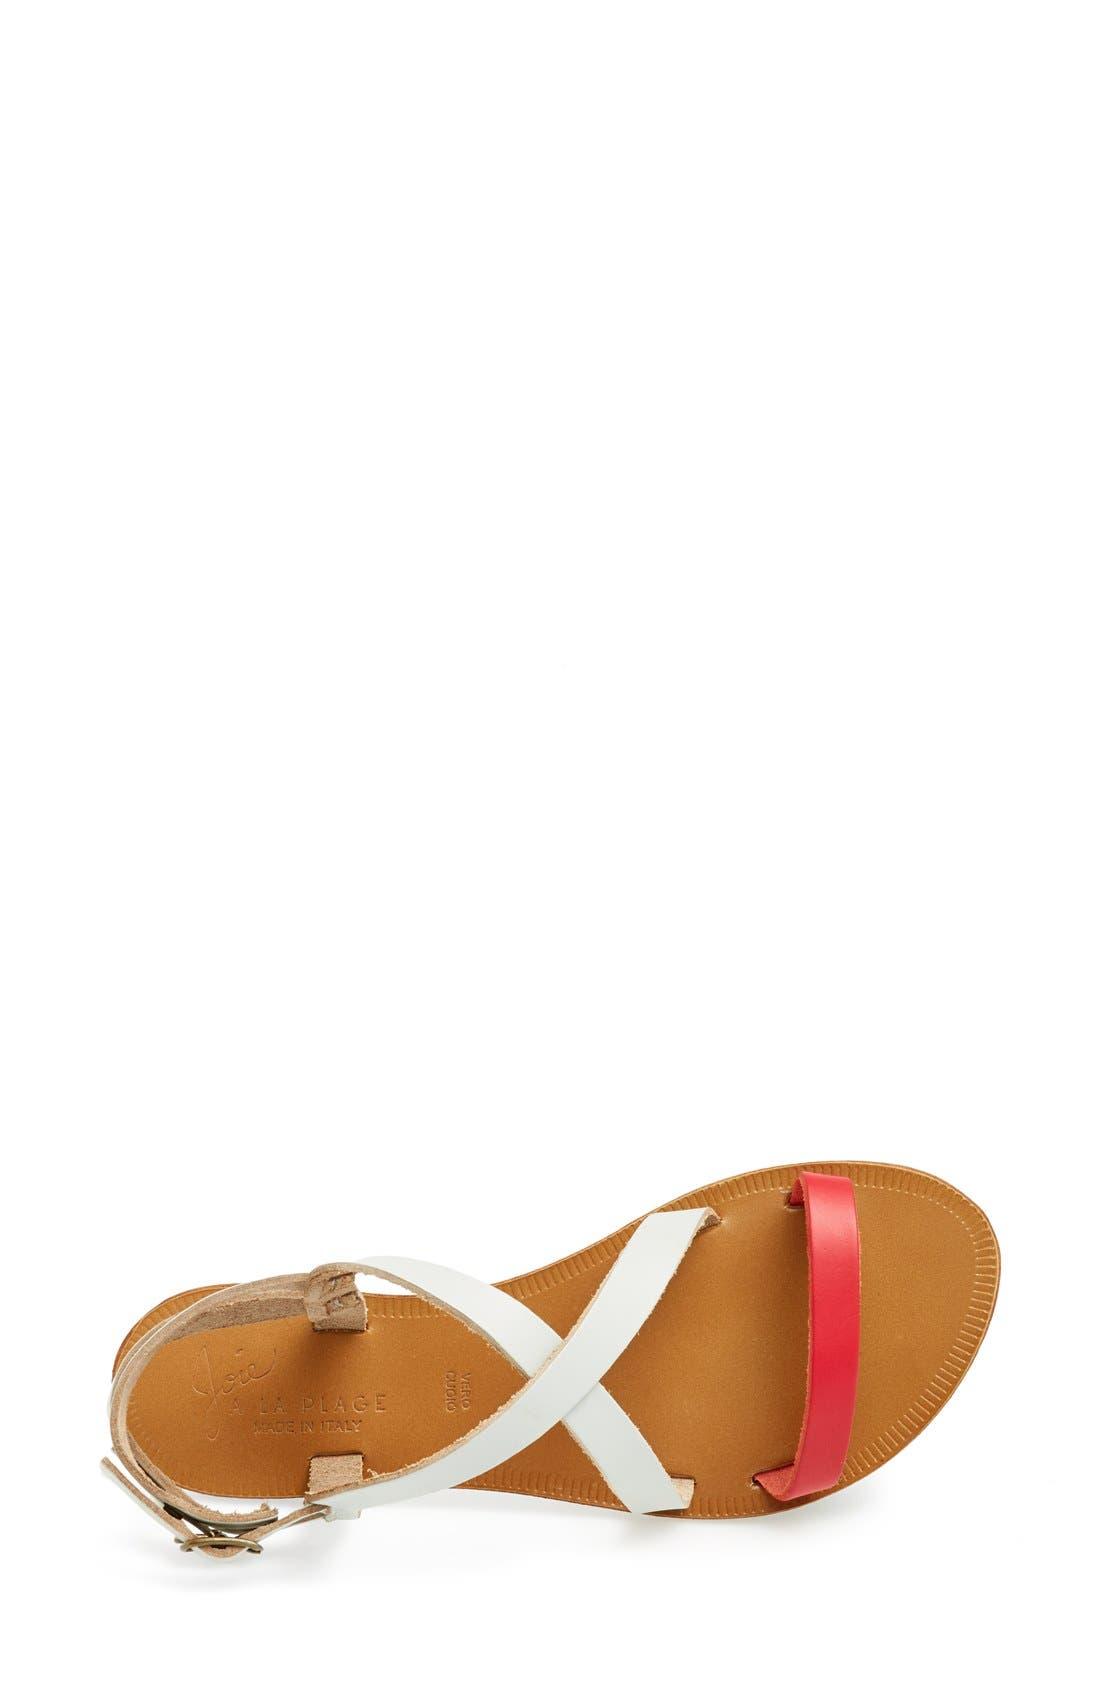 Alternate Image 3  - Joie 'Socoa' Sandal (Women)